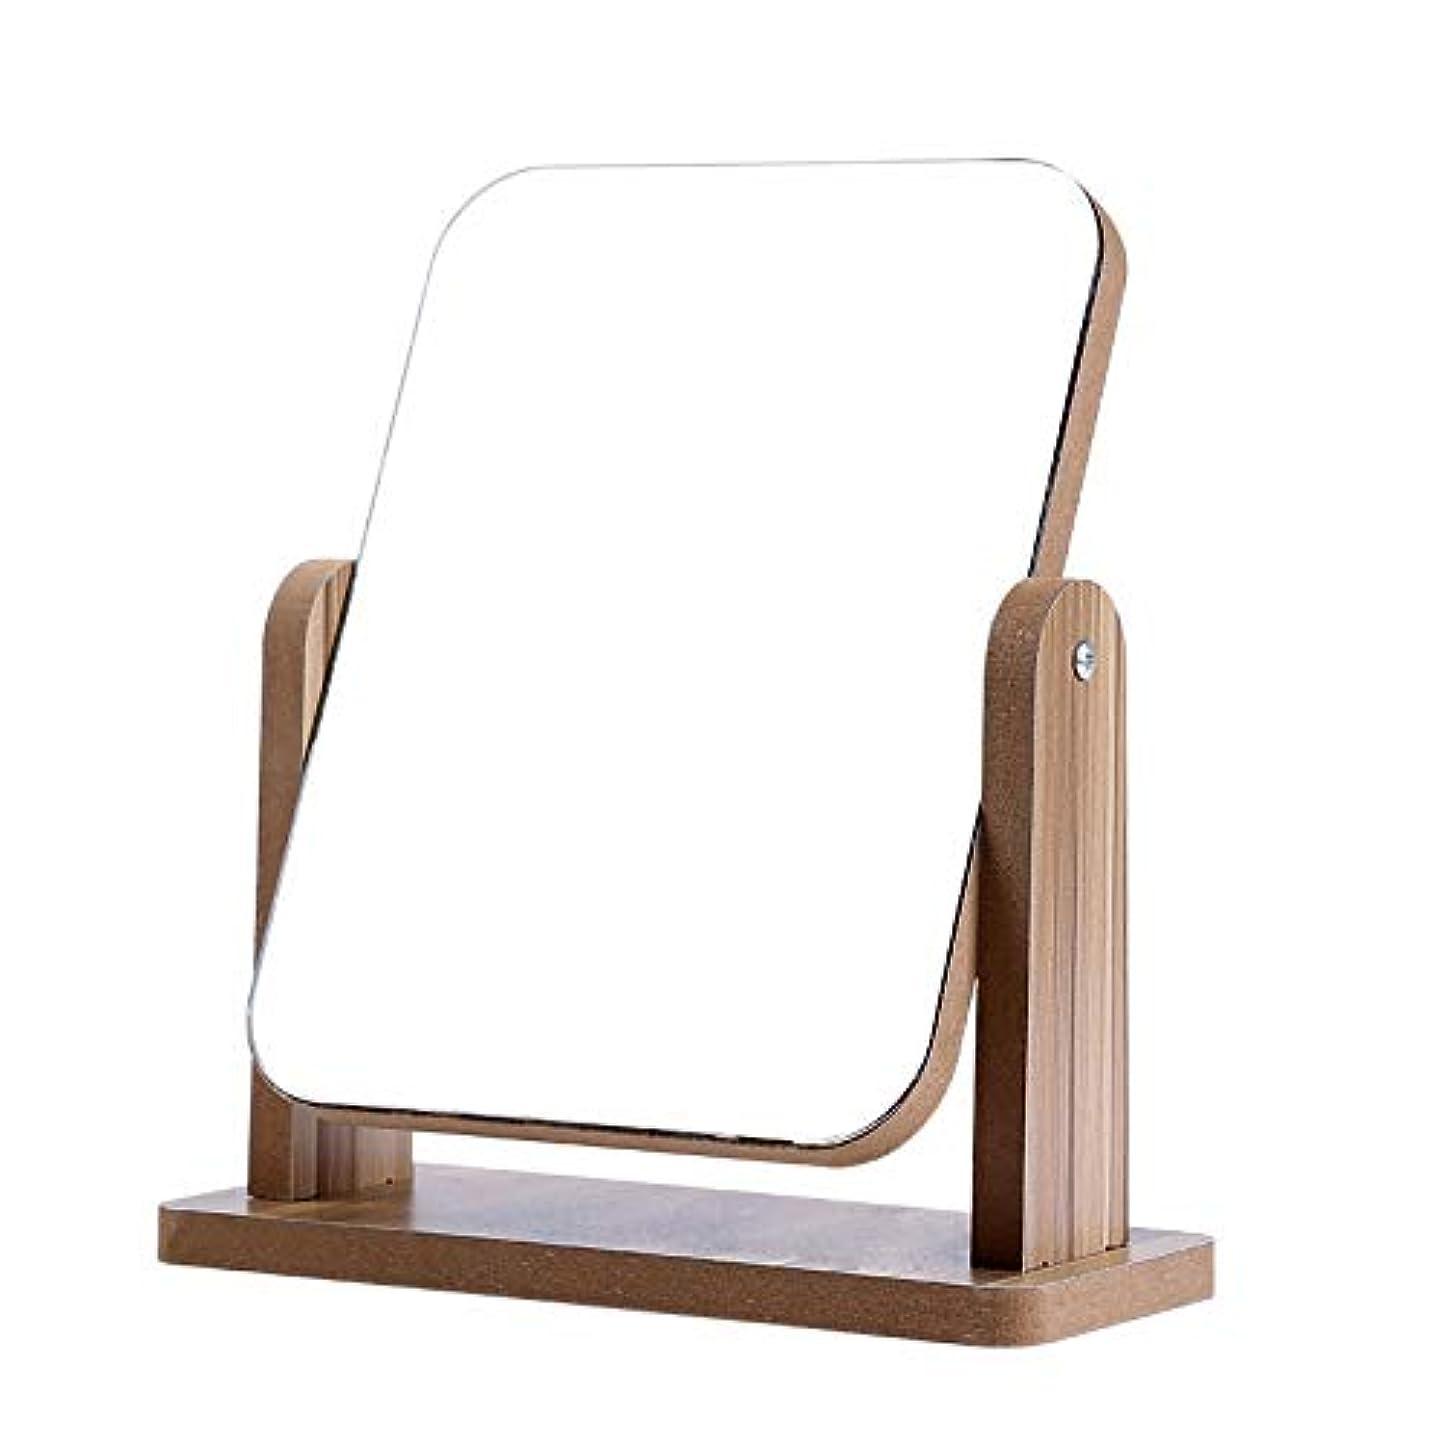 処方する建築家シチリアAnyasun 卓上ミラー 化粧ミラー メイクミラー 360度回転 スタンドミラー 化粧鏡 木目 (縦)